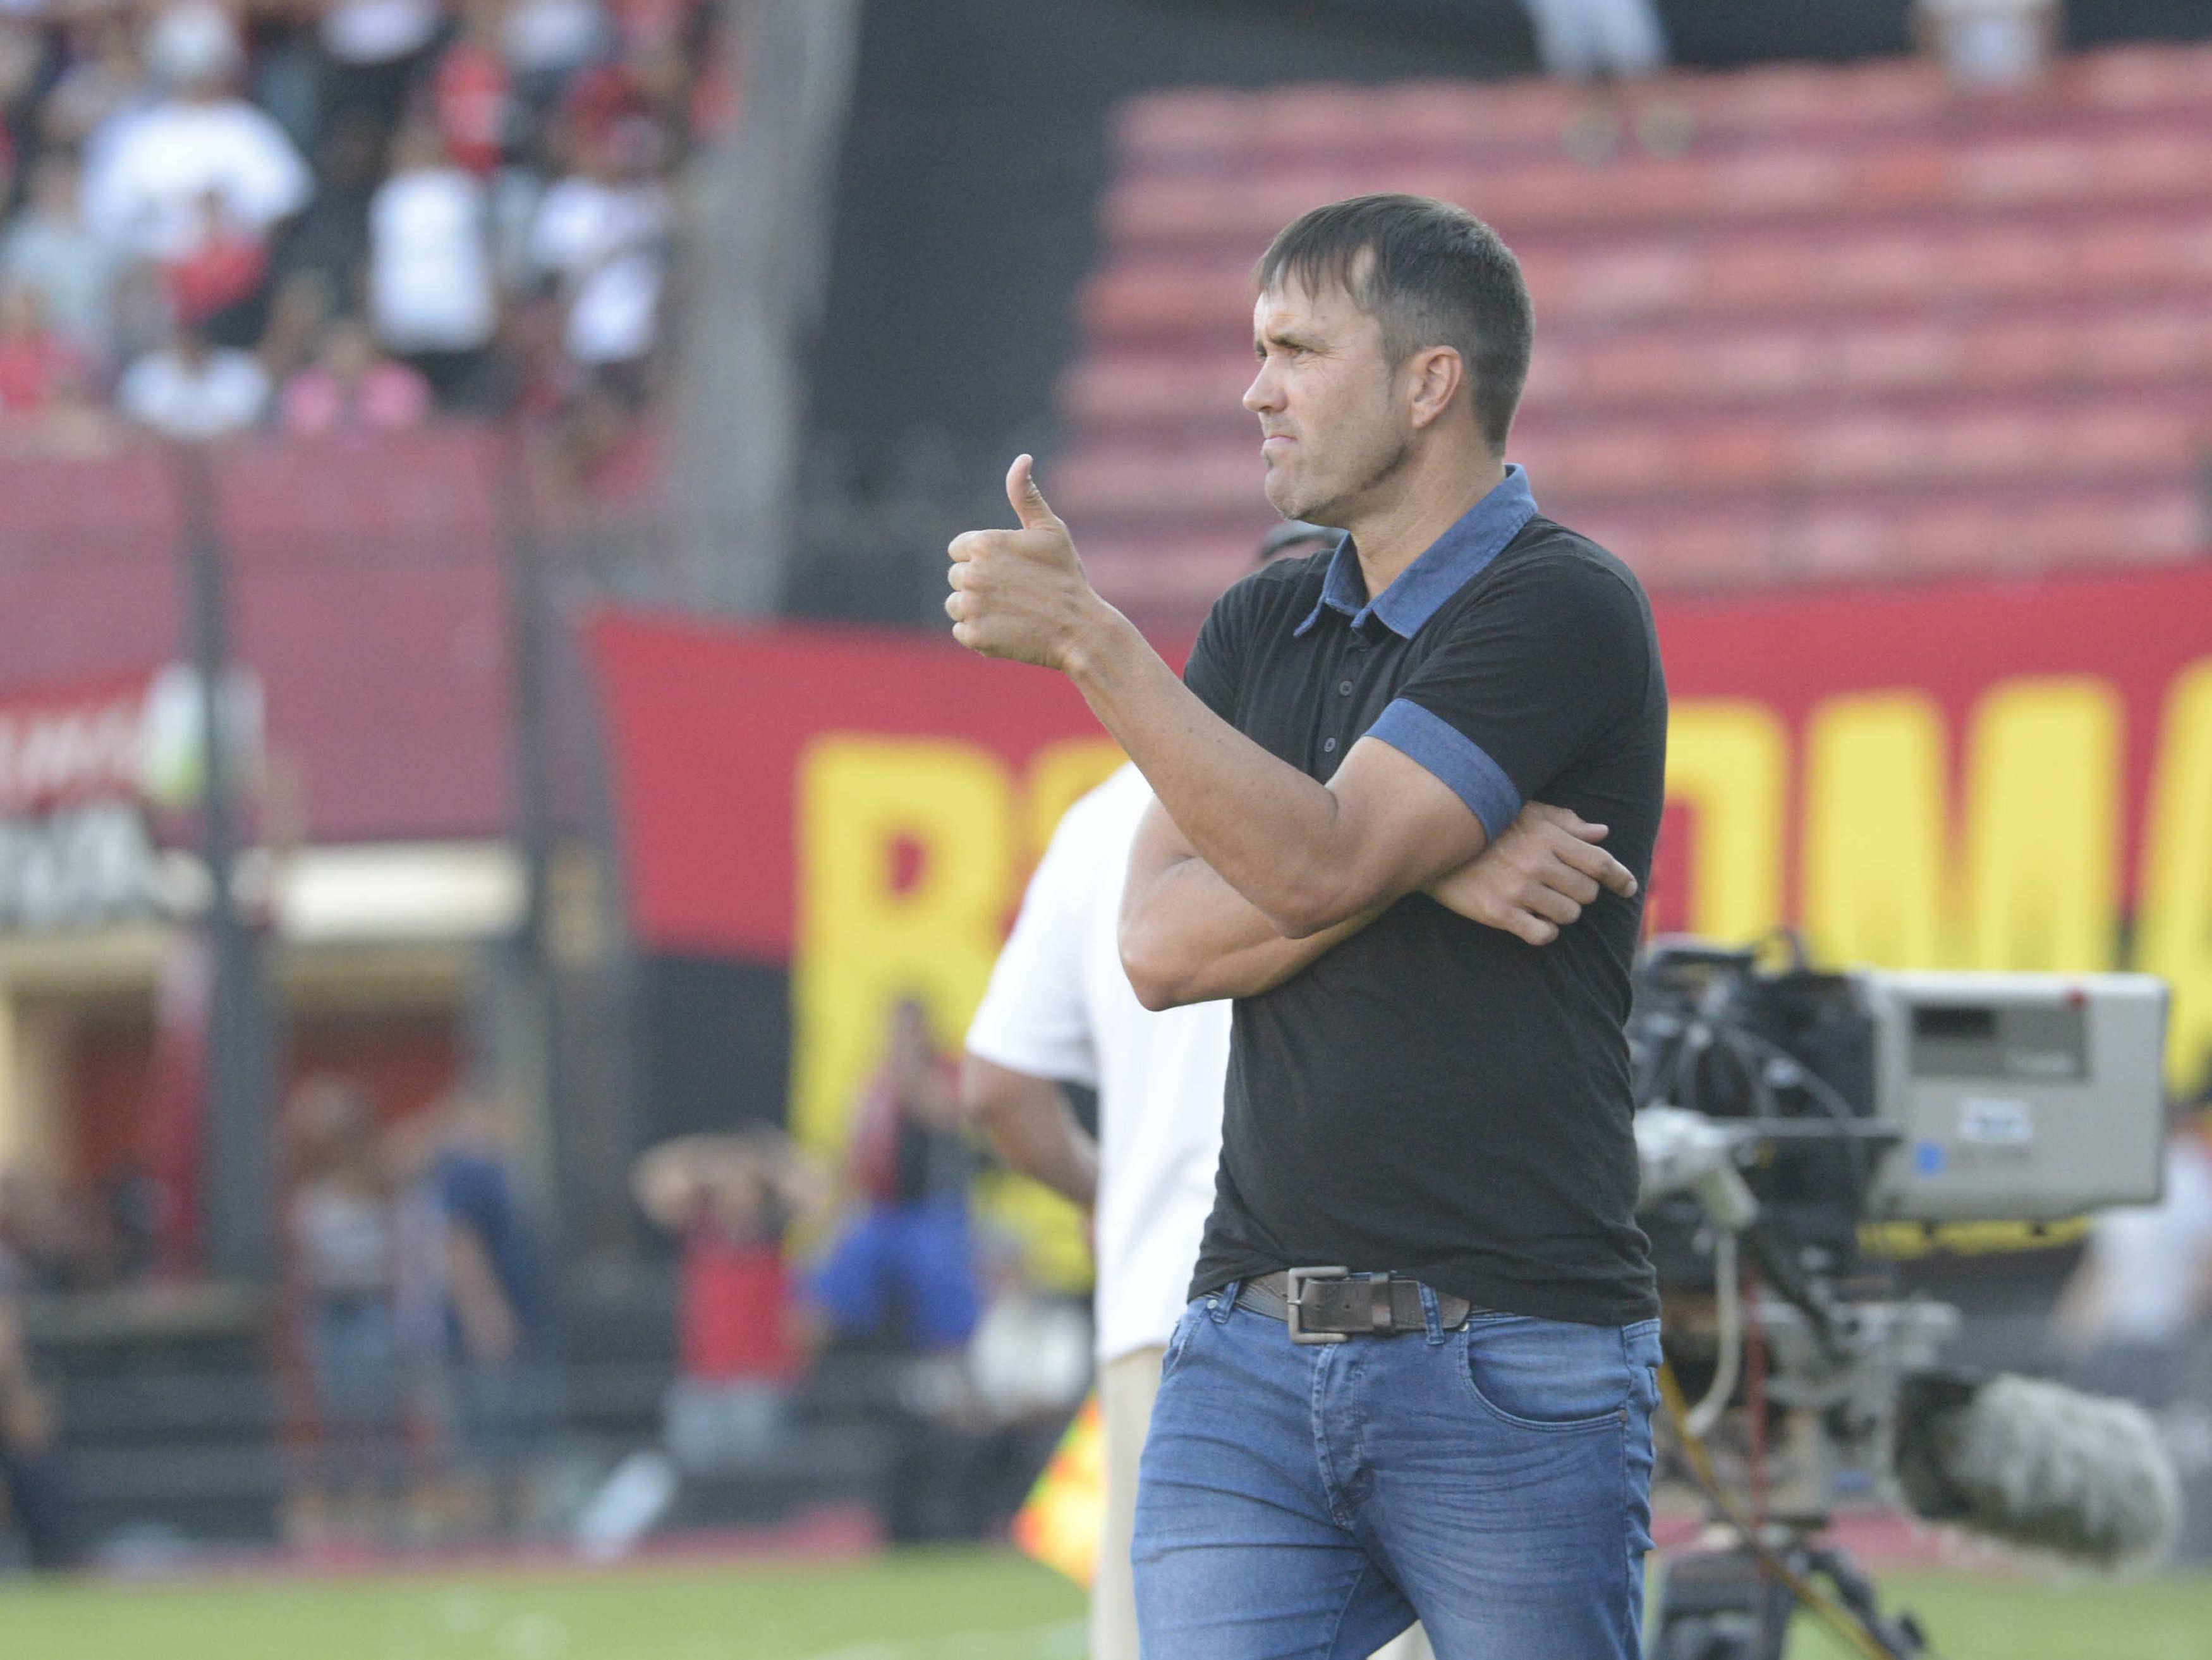 Doce partidos lleva disputados Central entre torneo y Libertadores. Ganó 7